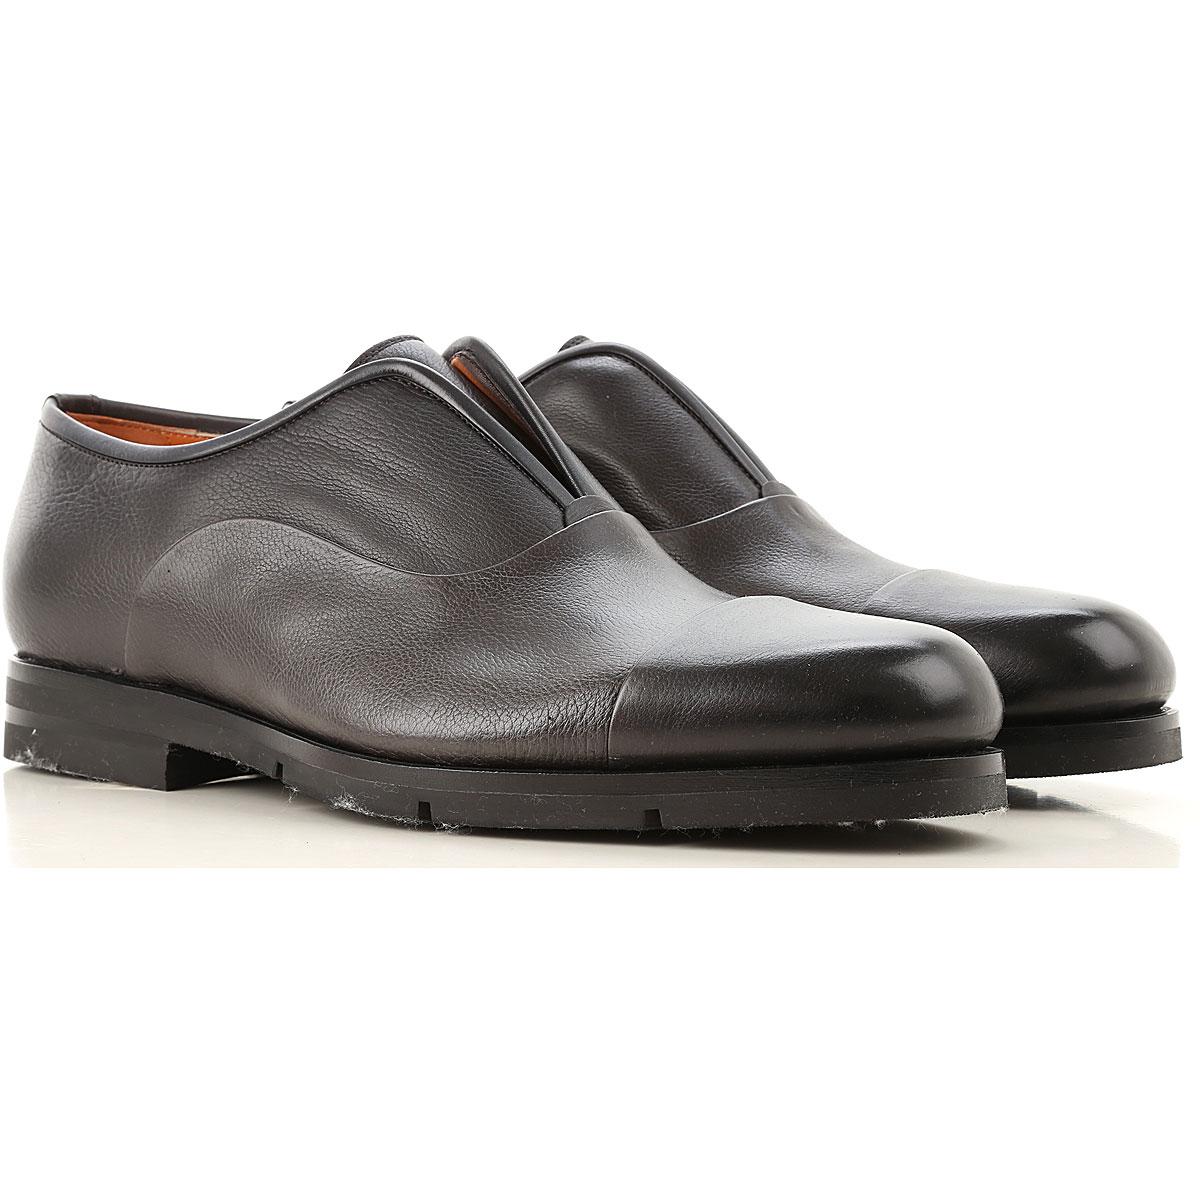 Santoni Loafers for Men On Sale, Black, Leather, 2019, 10 10.5 11 6 7 9 9.5